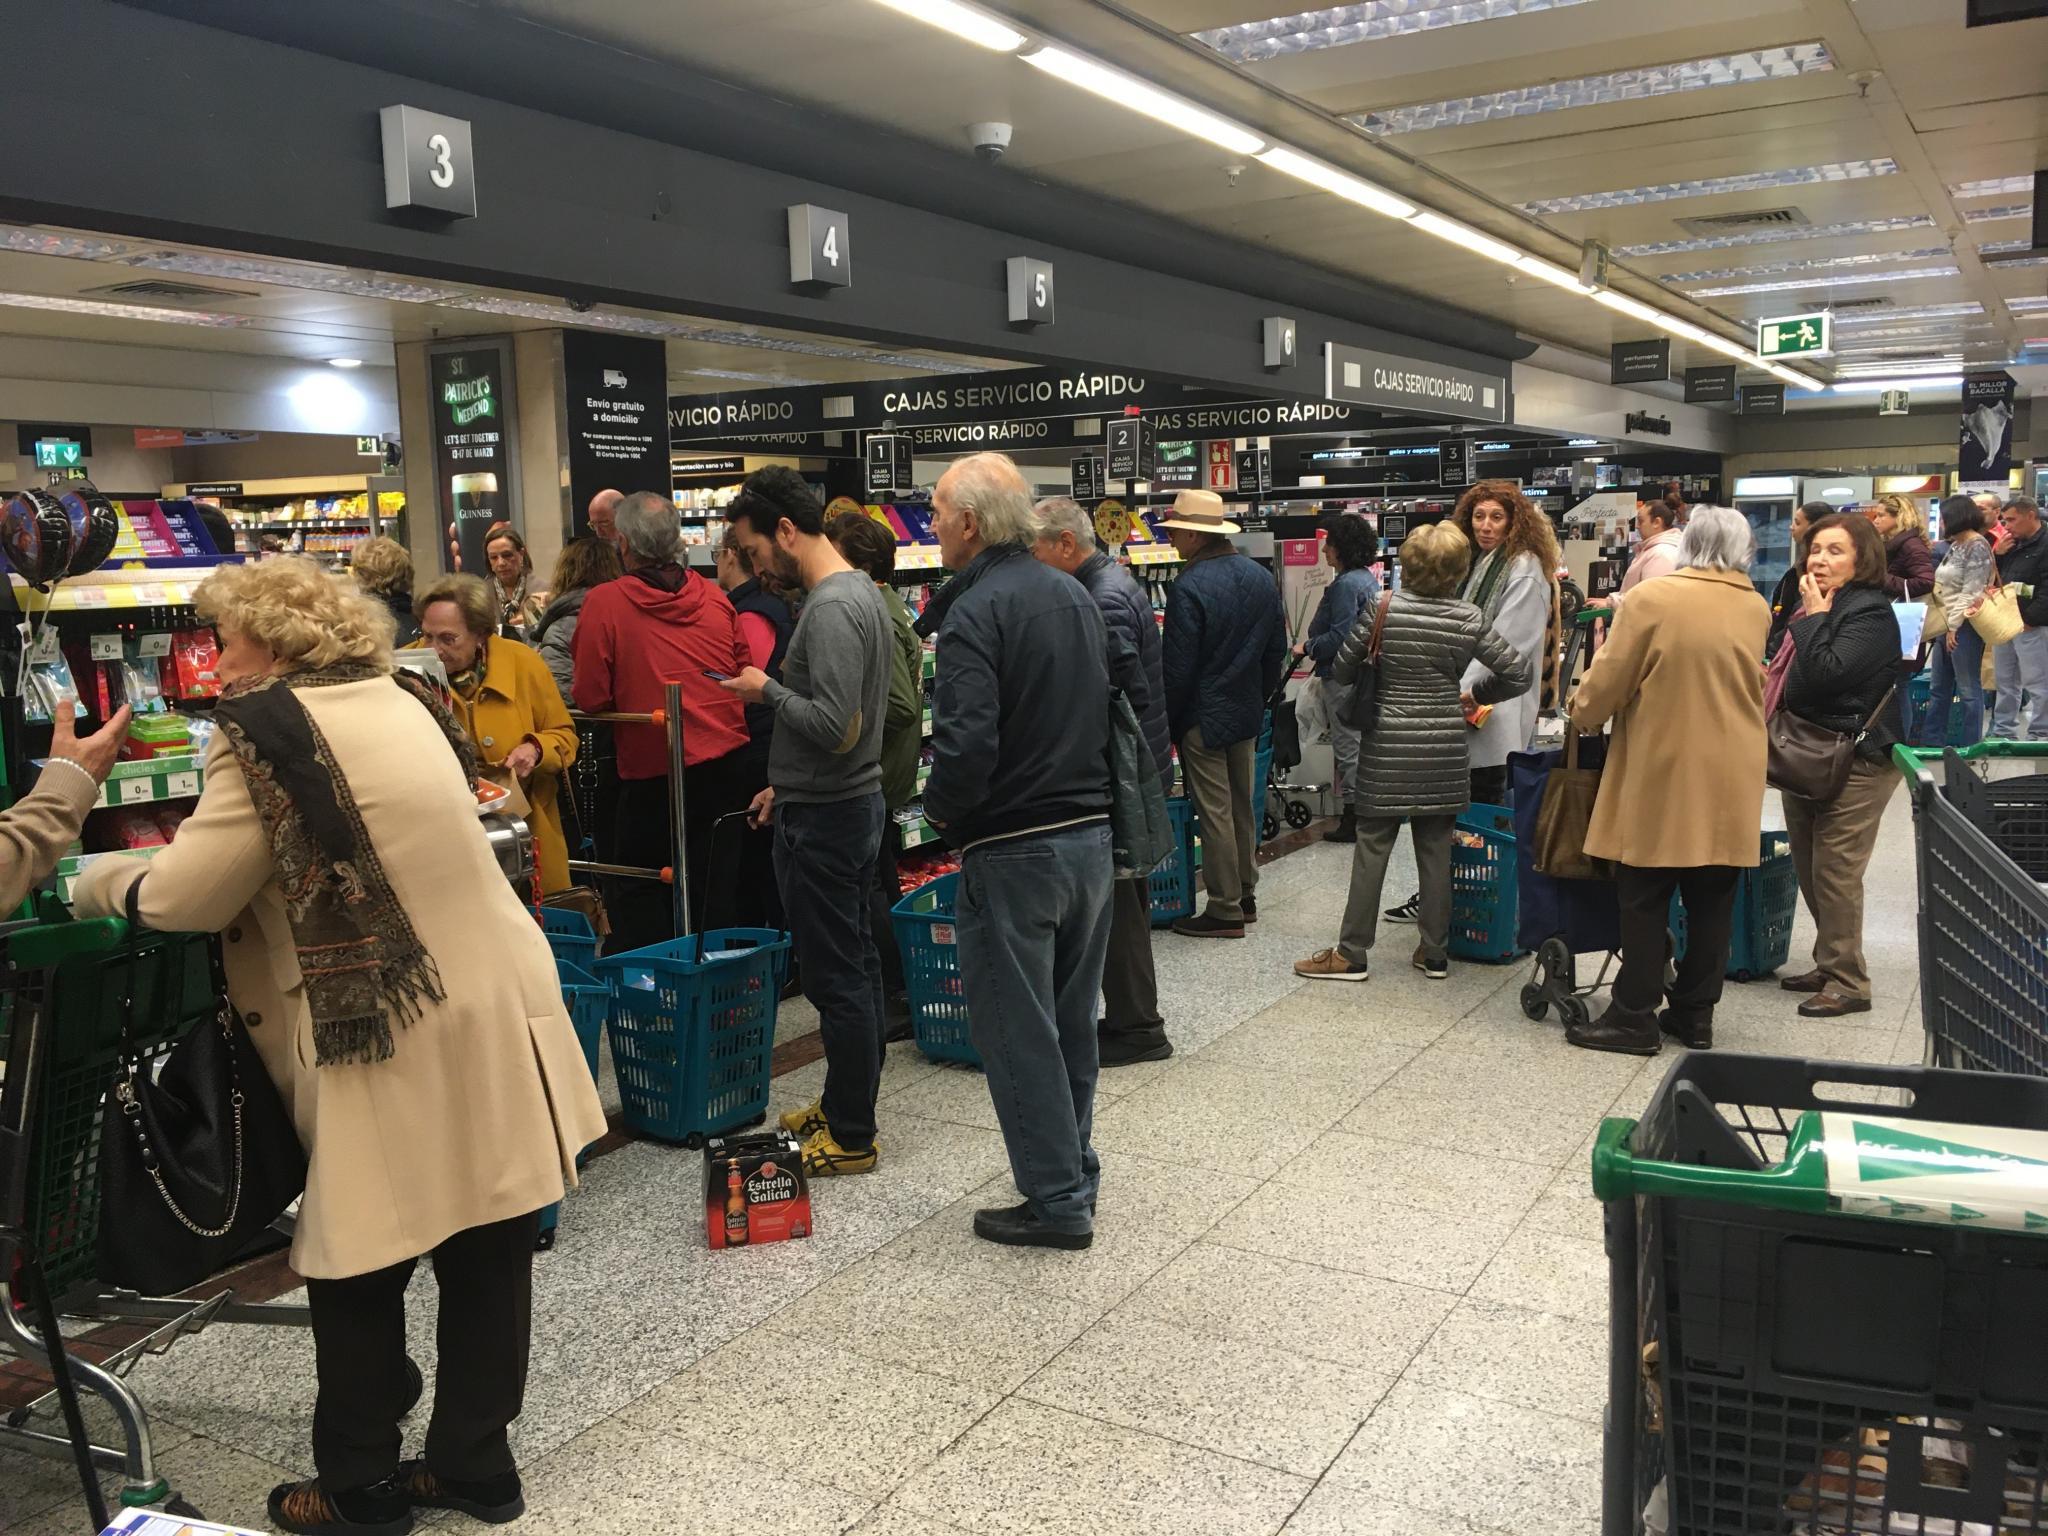 Supermarket queue, El Corte Inglés, Palma.